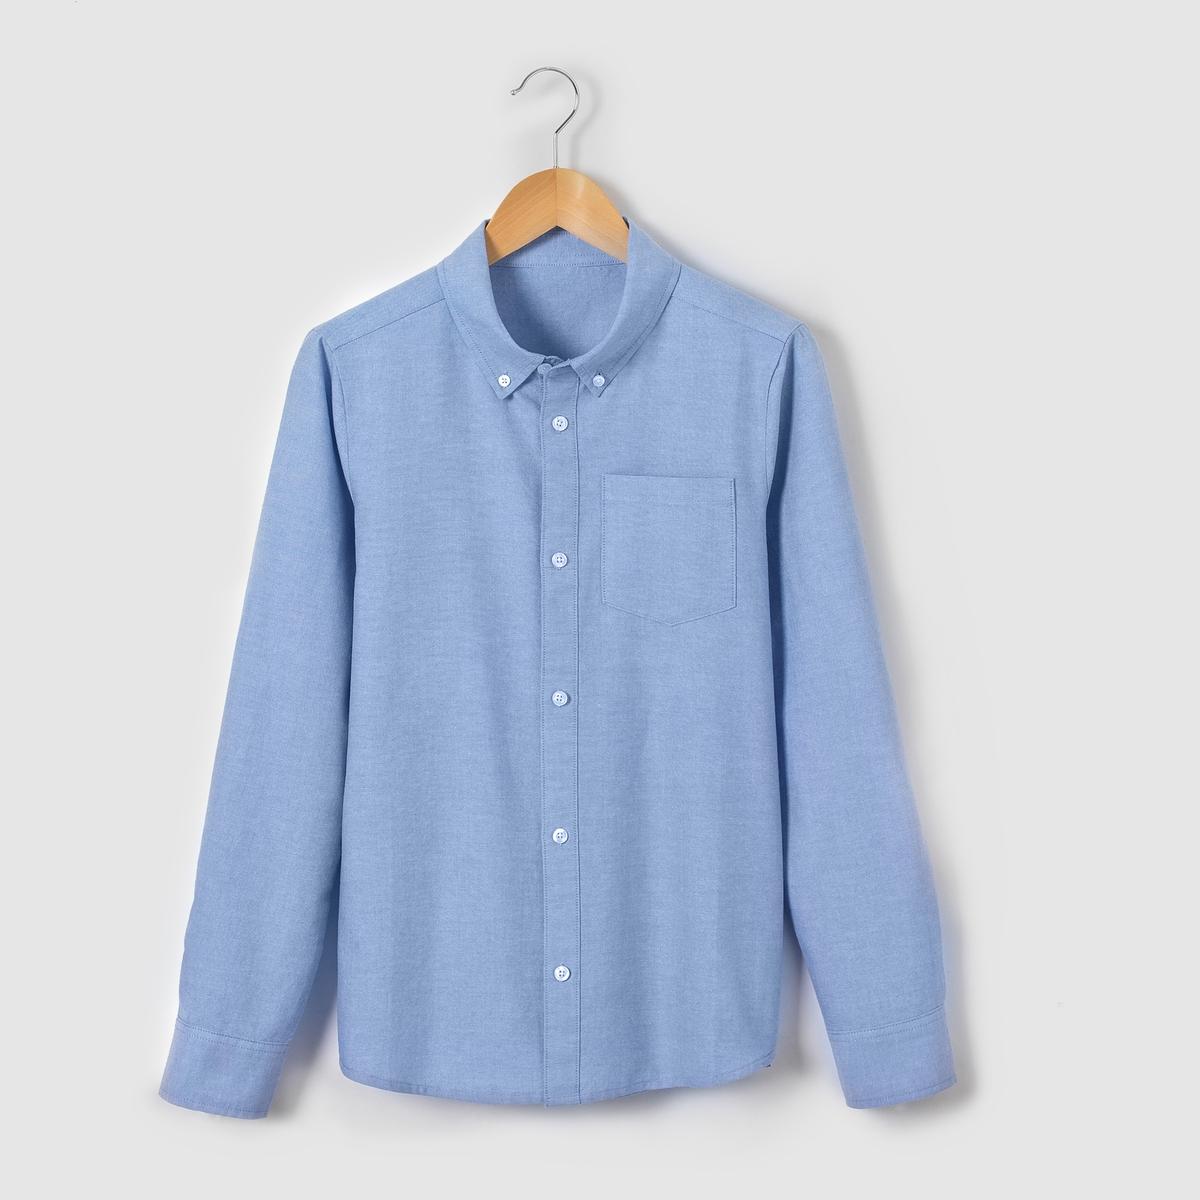 Рубашка Oxford 10-16 летСостав и описаниеМатериал: 100% хлопок.Марка: R essentielУходСтирать и гладить с изнанкиМашинная стирка при 30°С на умеренном режиме с одеждой схожих цветовМашинная сушка на обычном режиме.Гладитьпри умереннойтемпературе<br><br>Цвет: синий